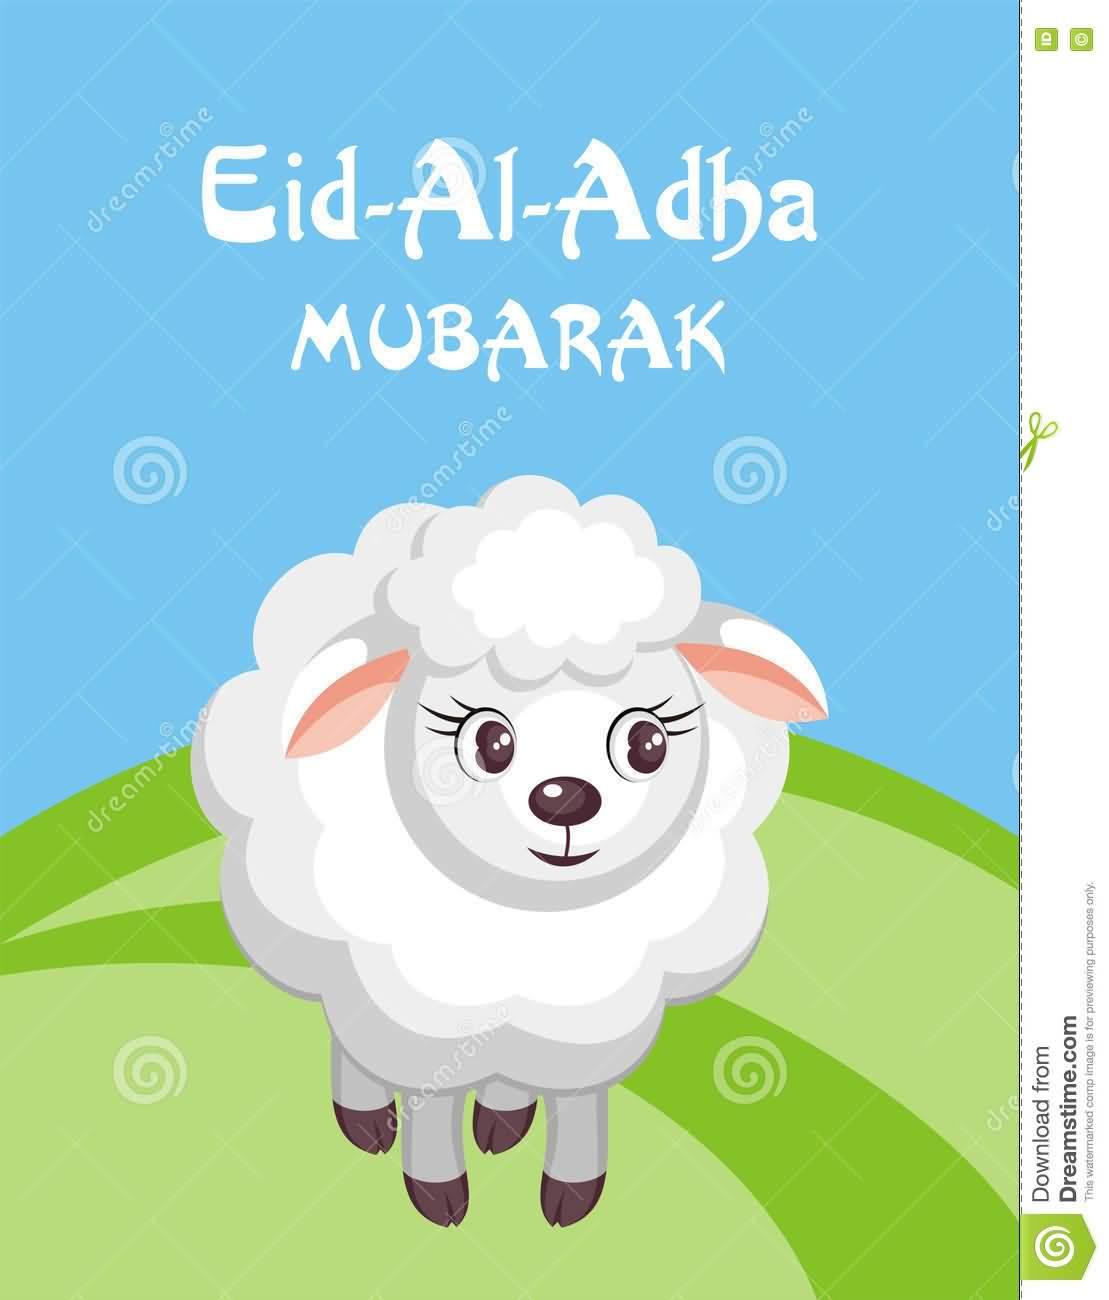 eid al adha Posts sobre eid al adha escritos por habibah l ibrahim.